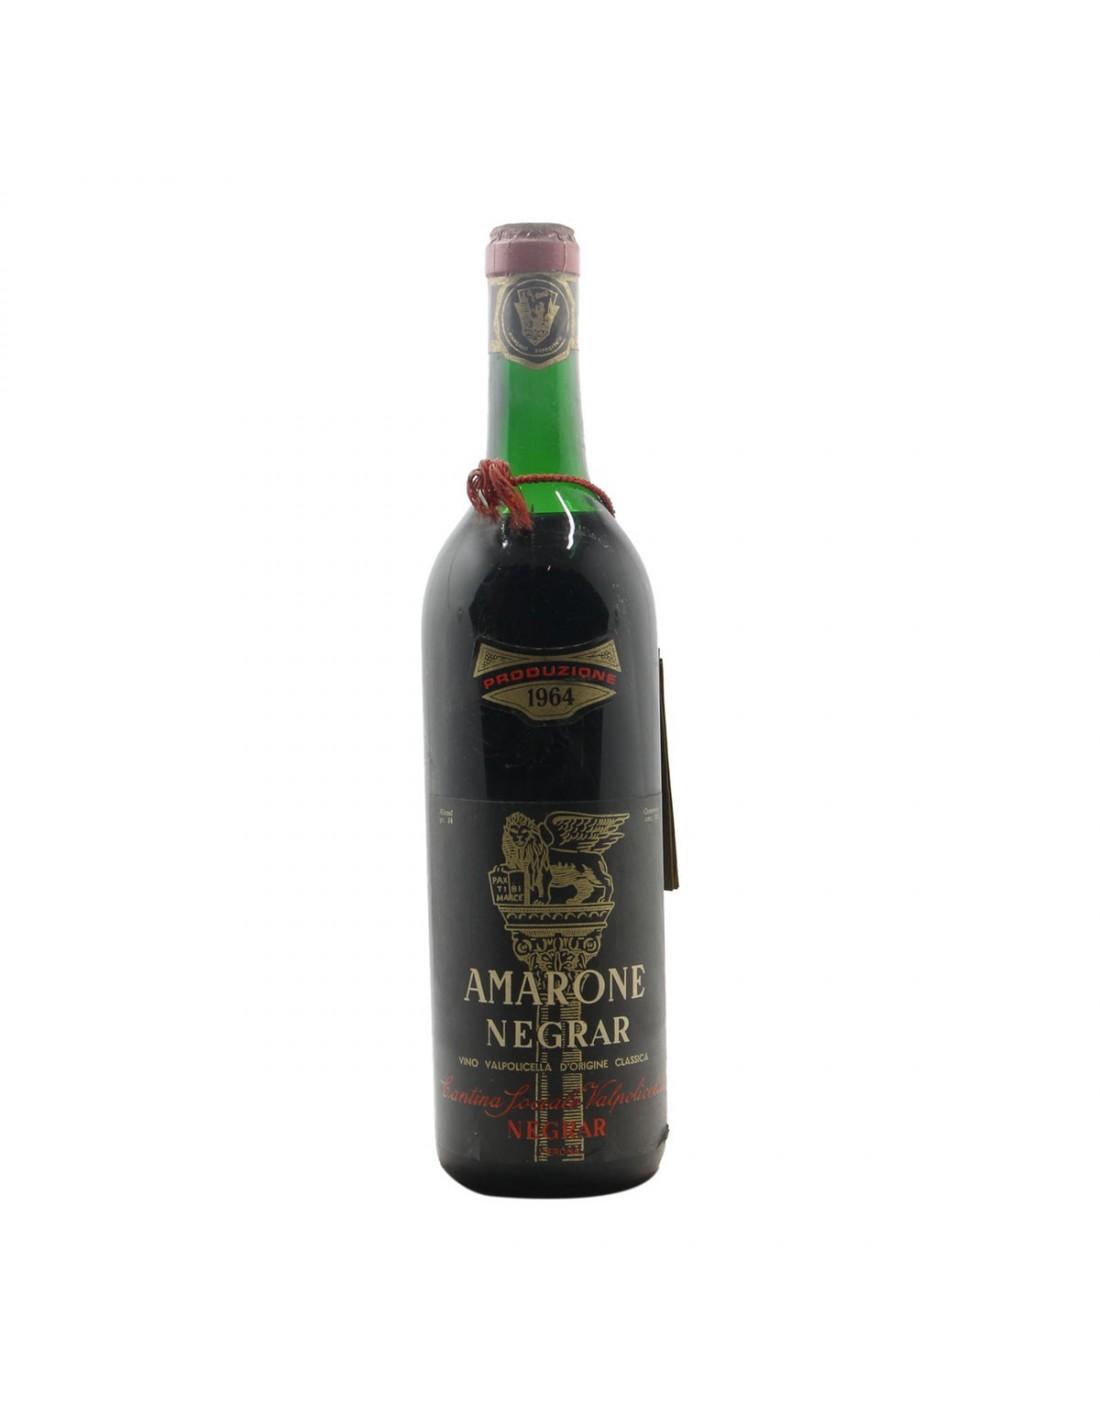 AMARONE NEGRAR 1964 CANTINA SOCIALE DELLA VALPOLICELLA Grandi Bottiglie